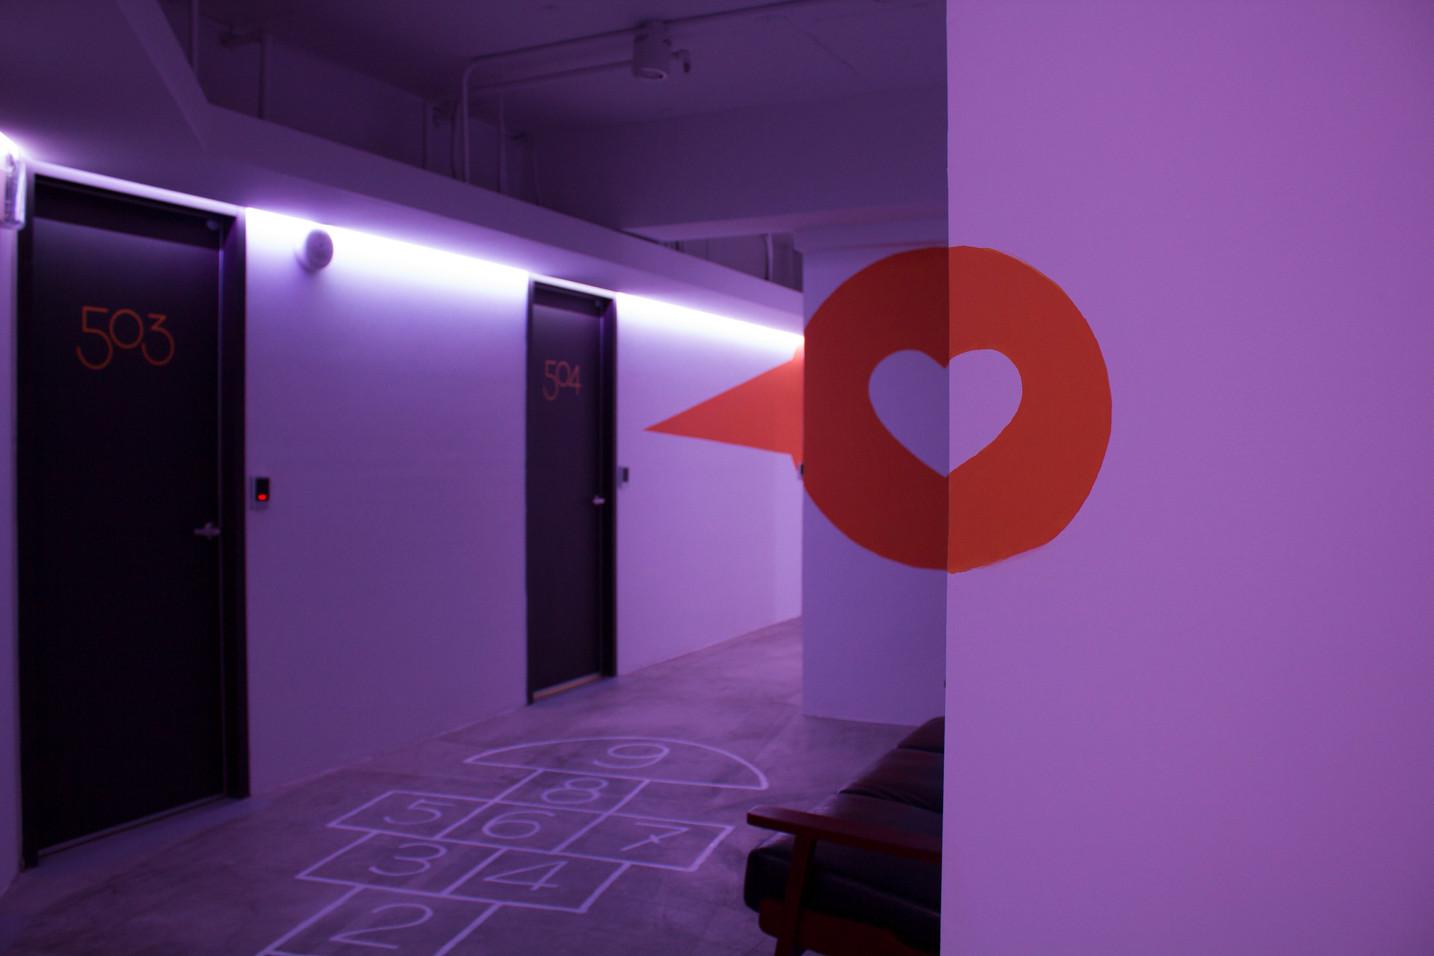 走廊 05.jpg